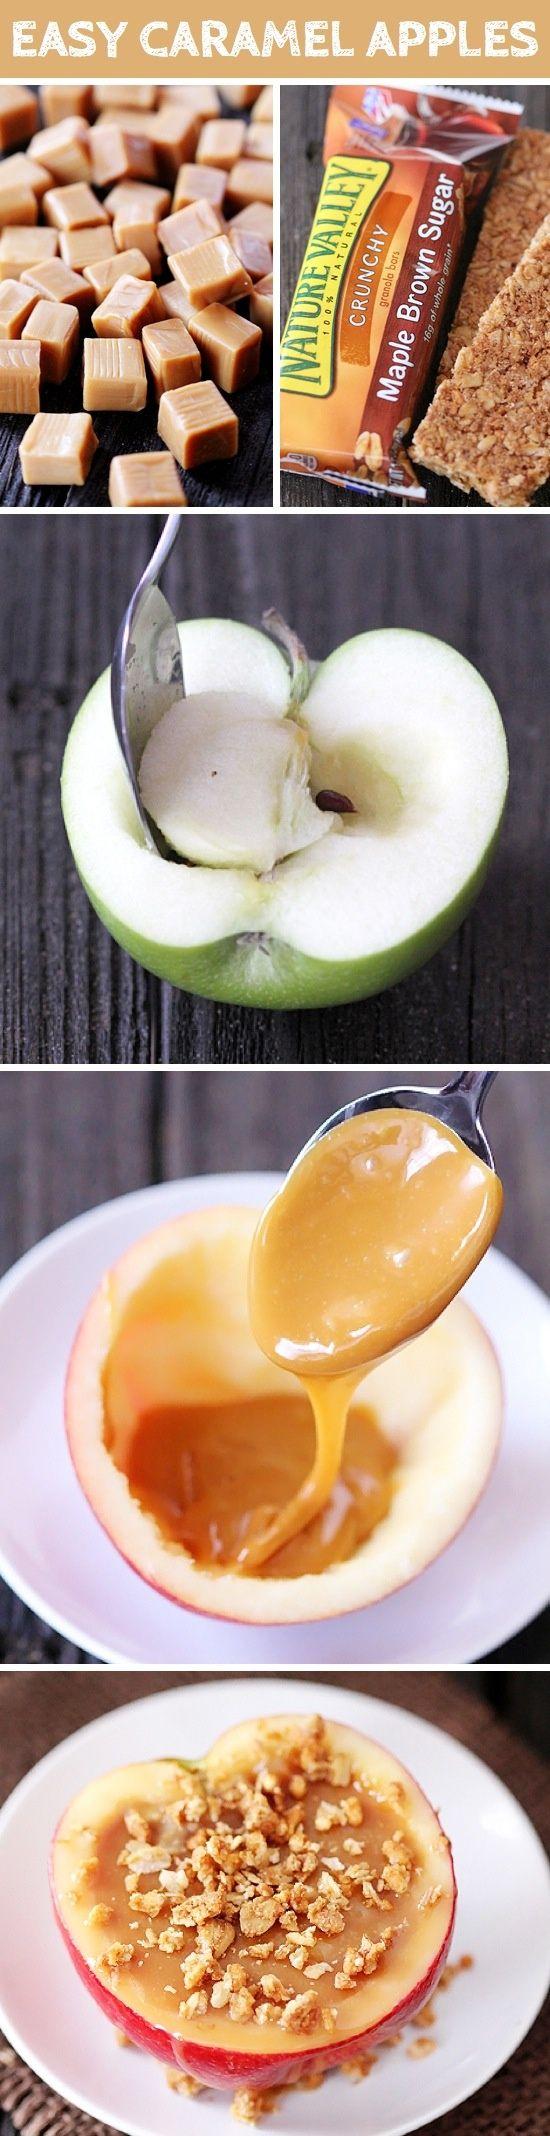 Easy carmel apples!